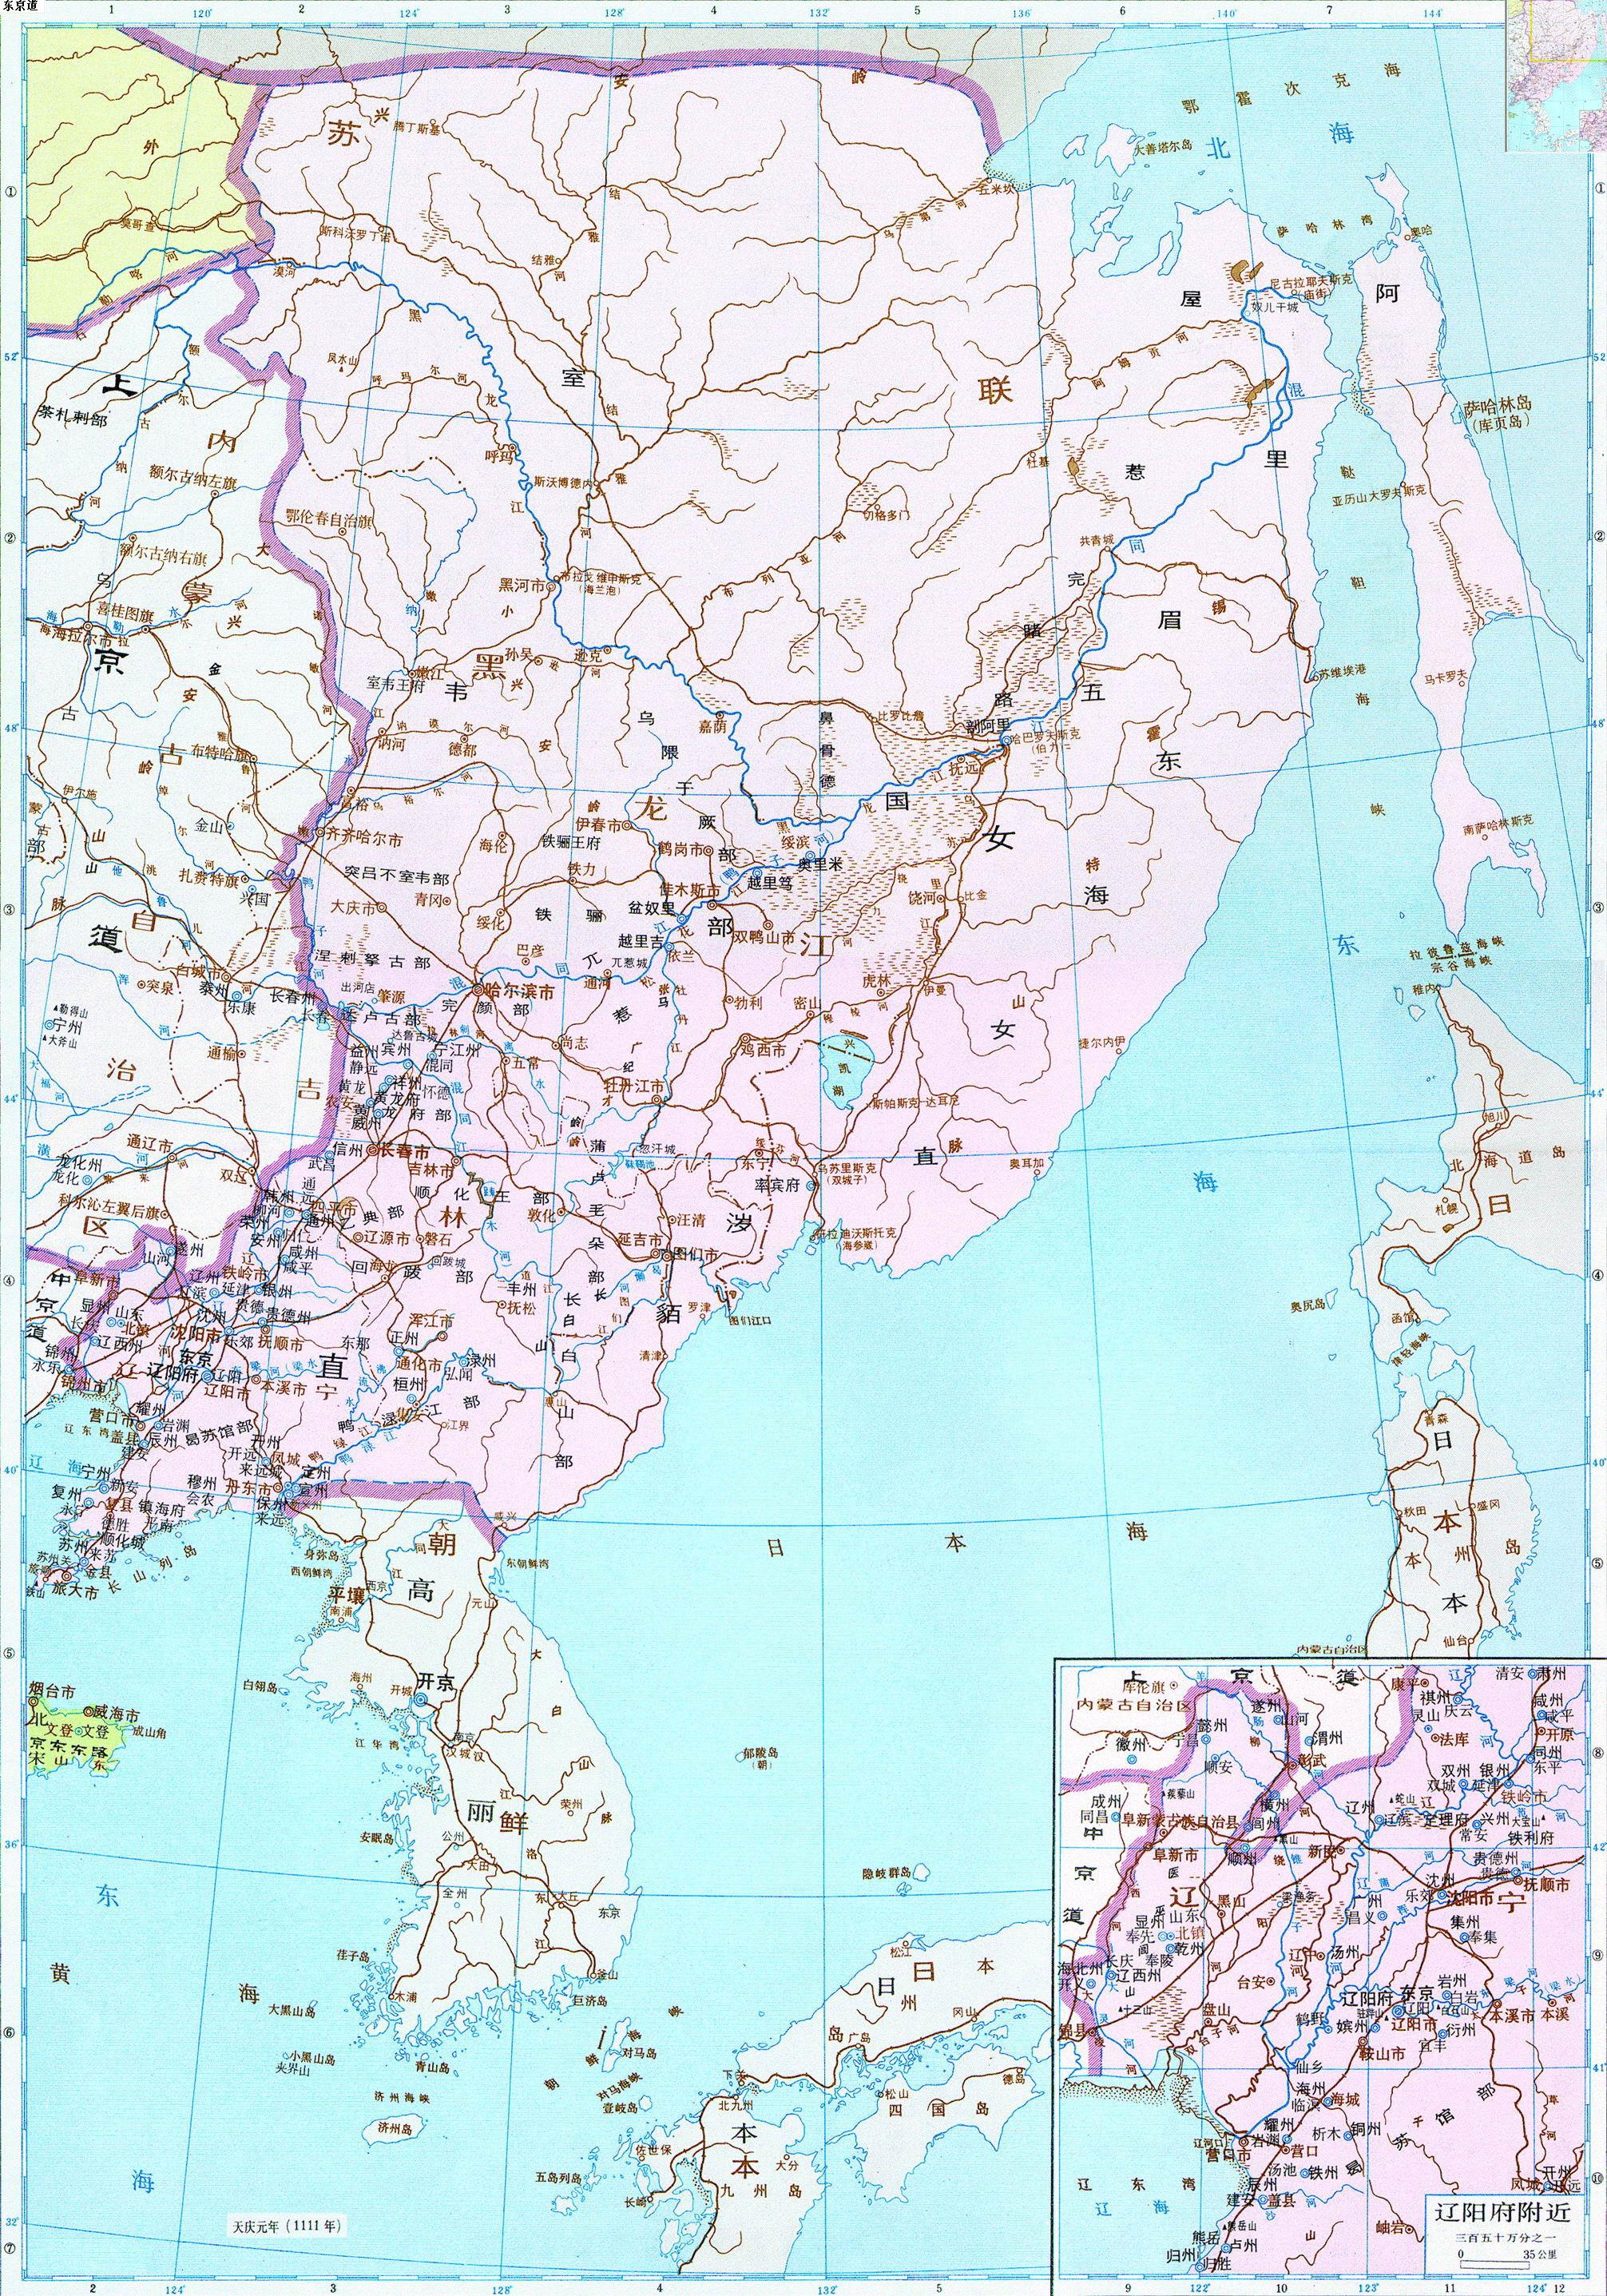 宋朝地图最大时全图